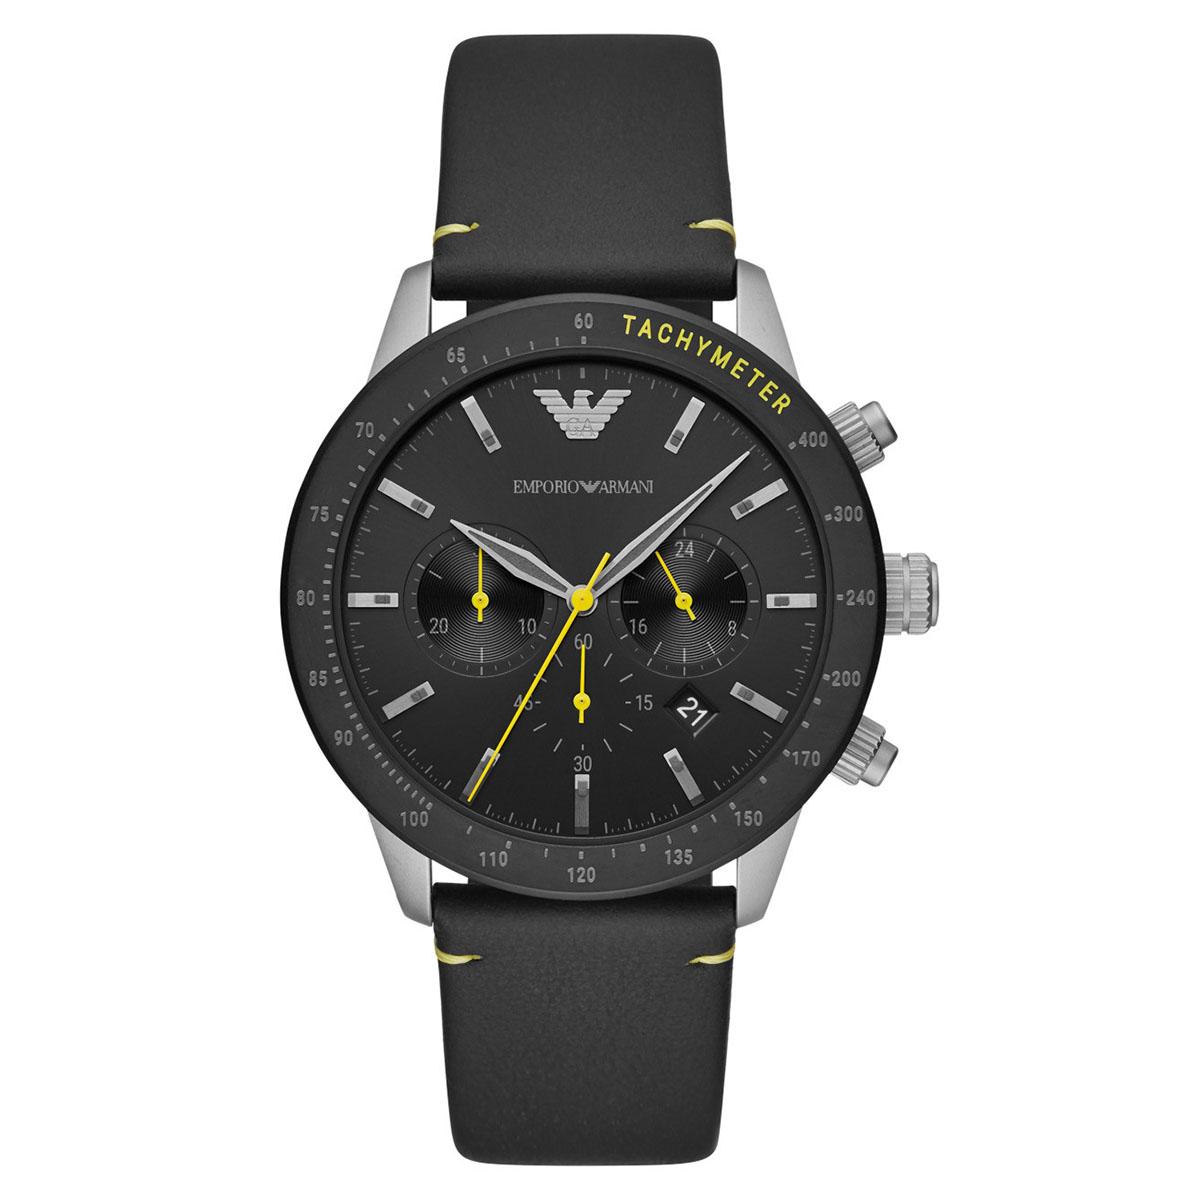 エンポリオアルマーニ 海外正規品 送料無料 物品 あす楽 全品送料無料 EMPORIO ARMANI クオーツ 高品質新品 クロノグラフ カレンダー 腕時計 AR11325 メンズ 時計